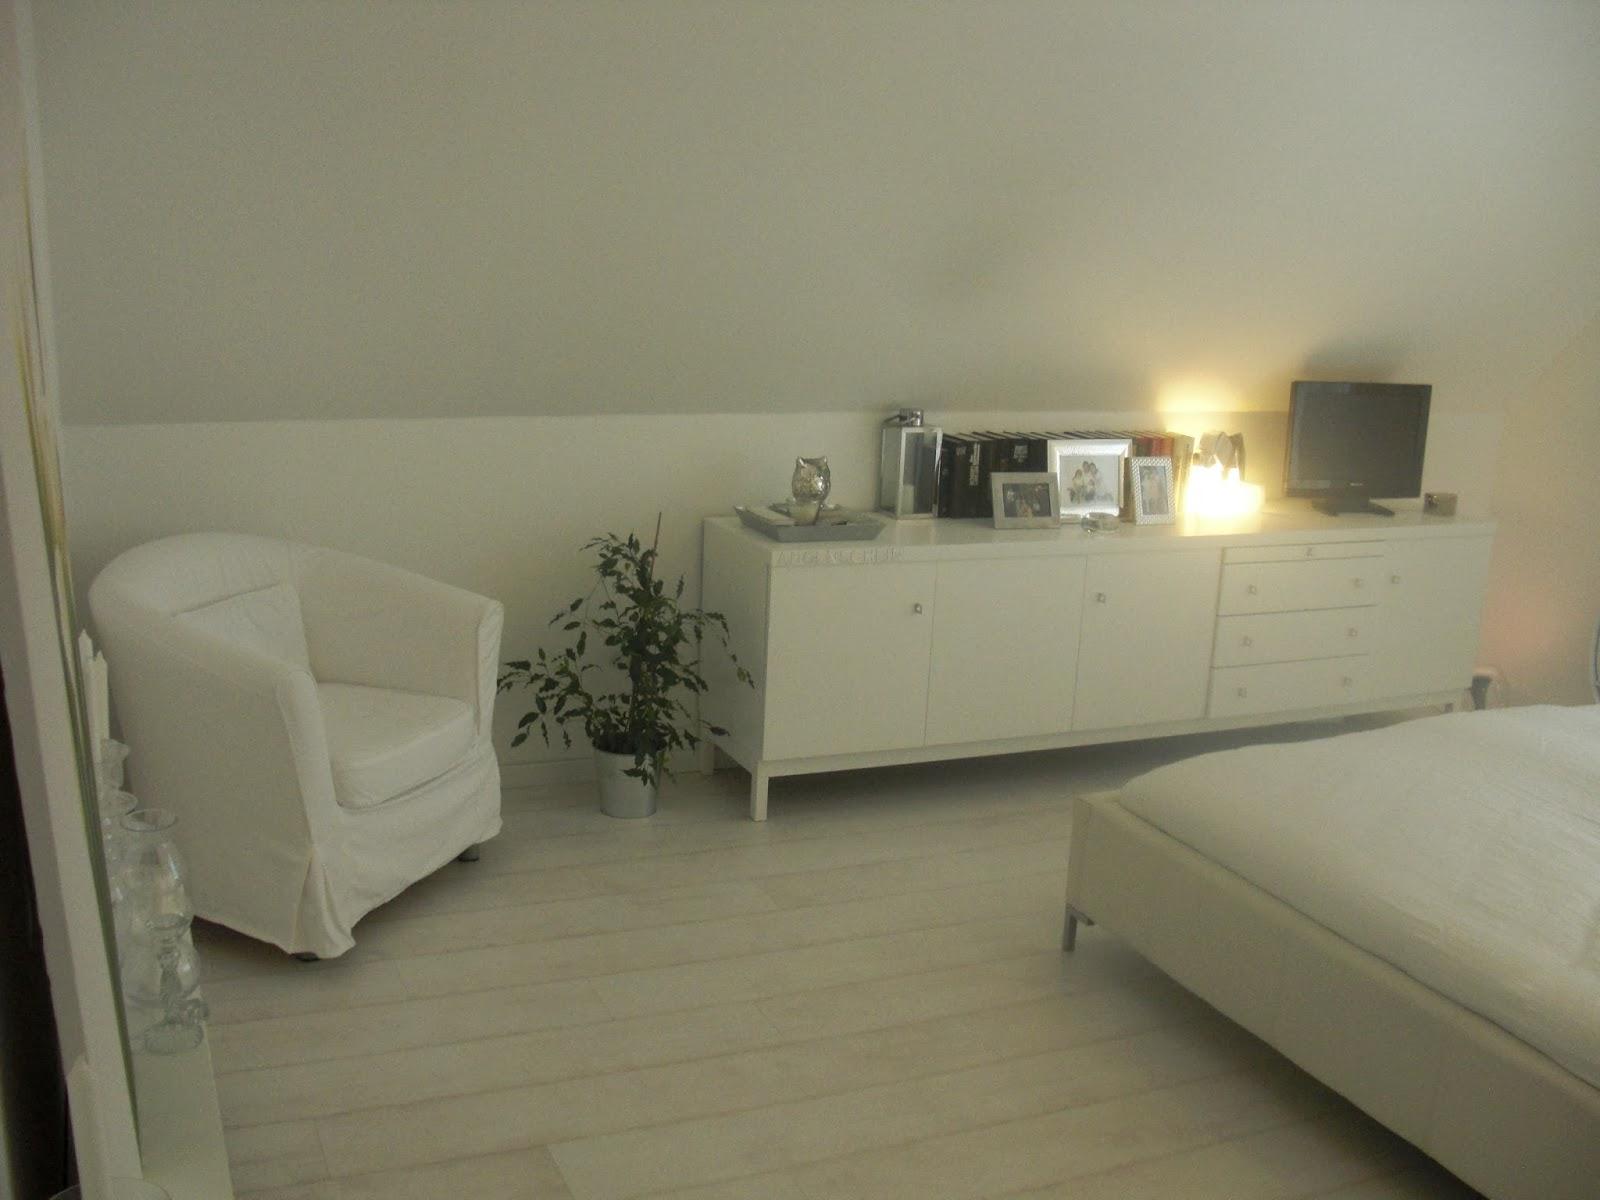 heim elich mein neues bett. Black Bedroom Furniture Sets. Home Design Ideas